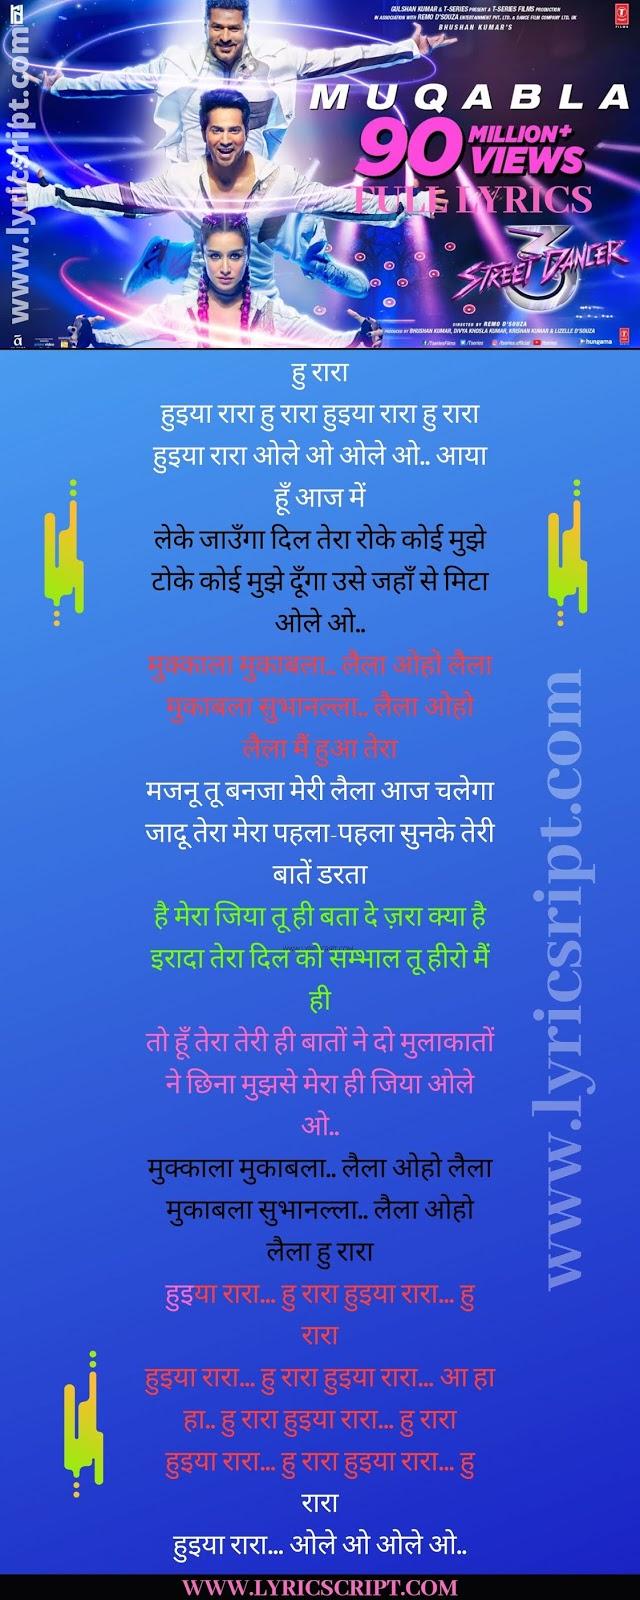 Muqabla Song Lyrics